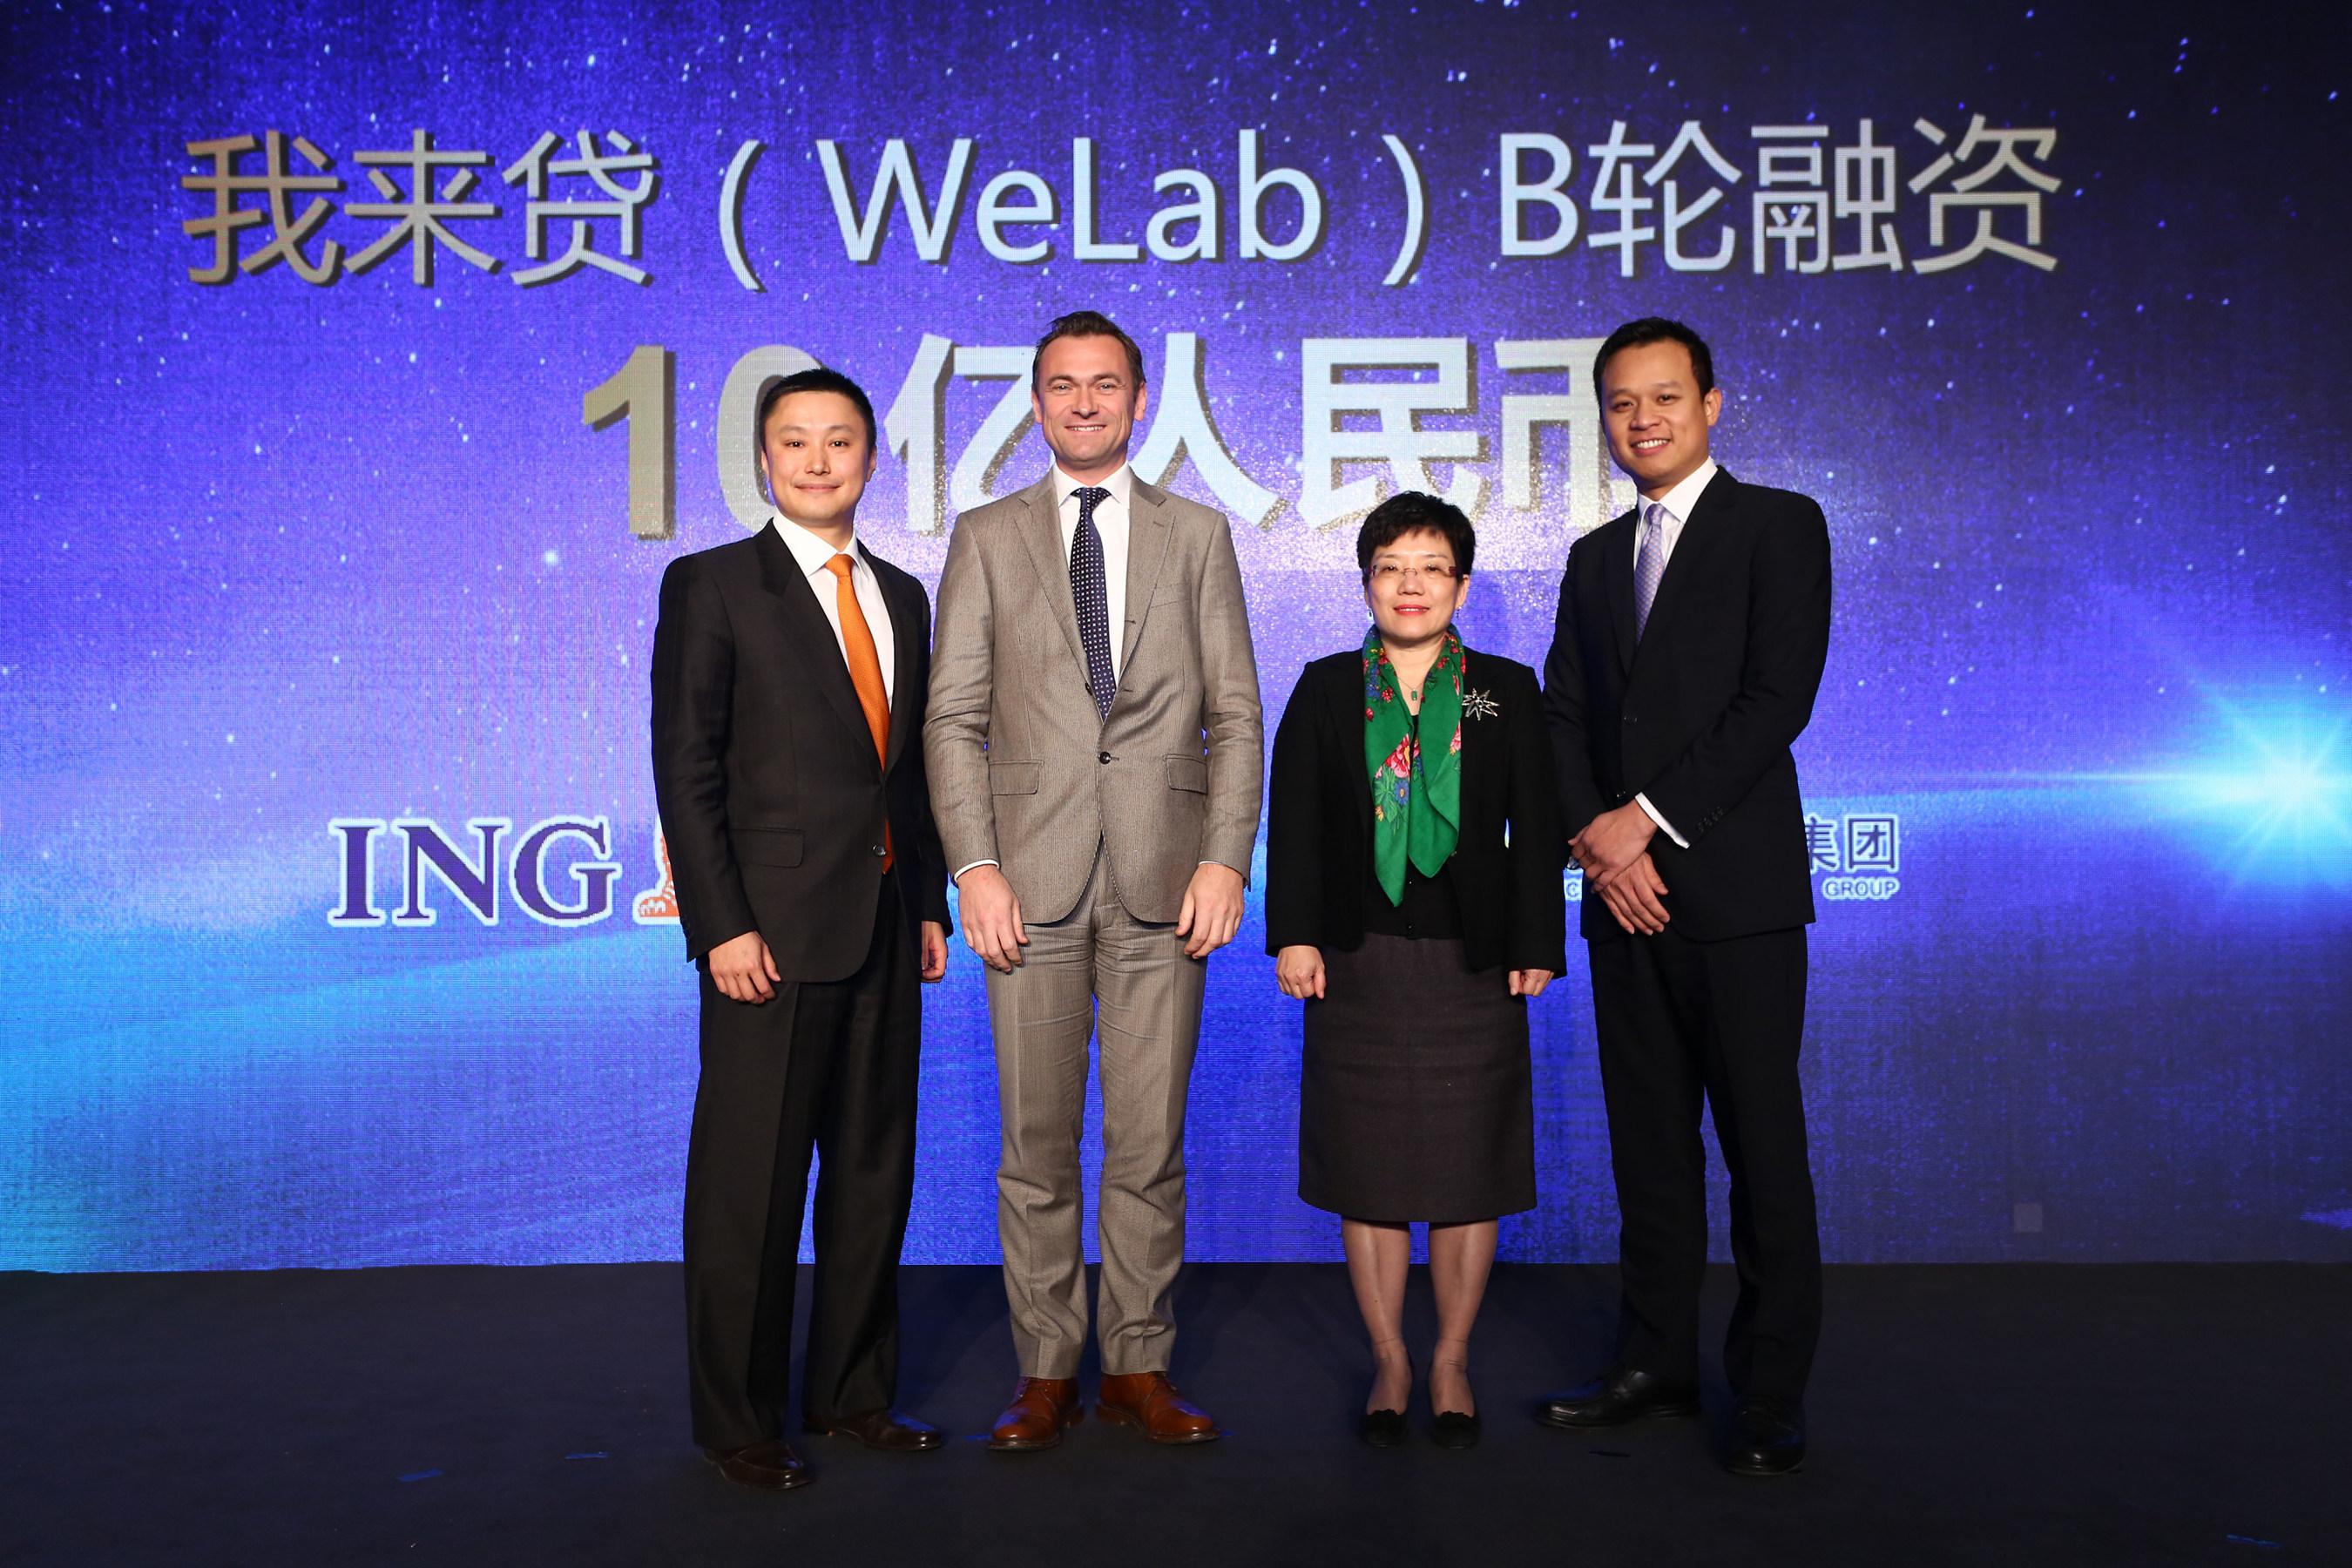 WeLab raises US$160M in Series B